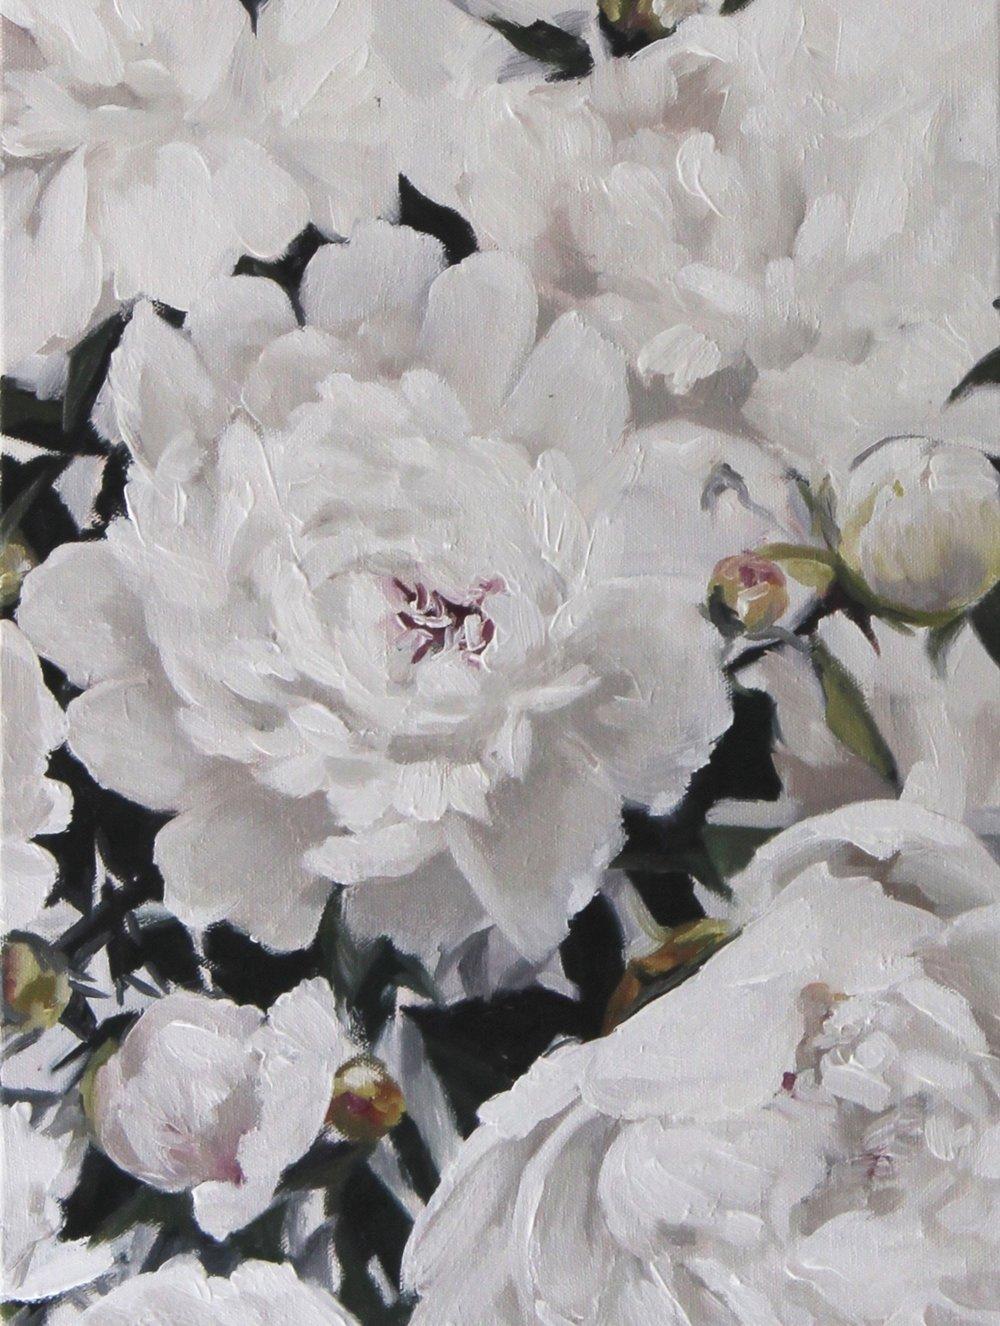 White Peonies II by Jess Blazejewski